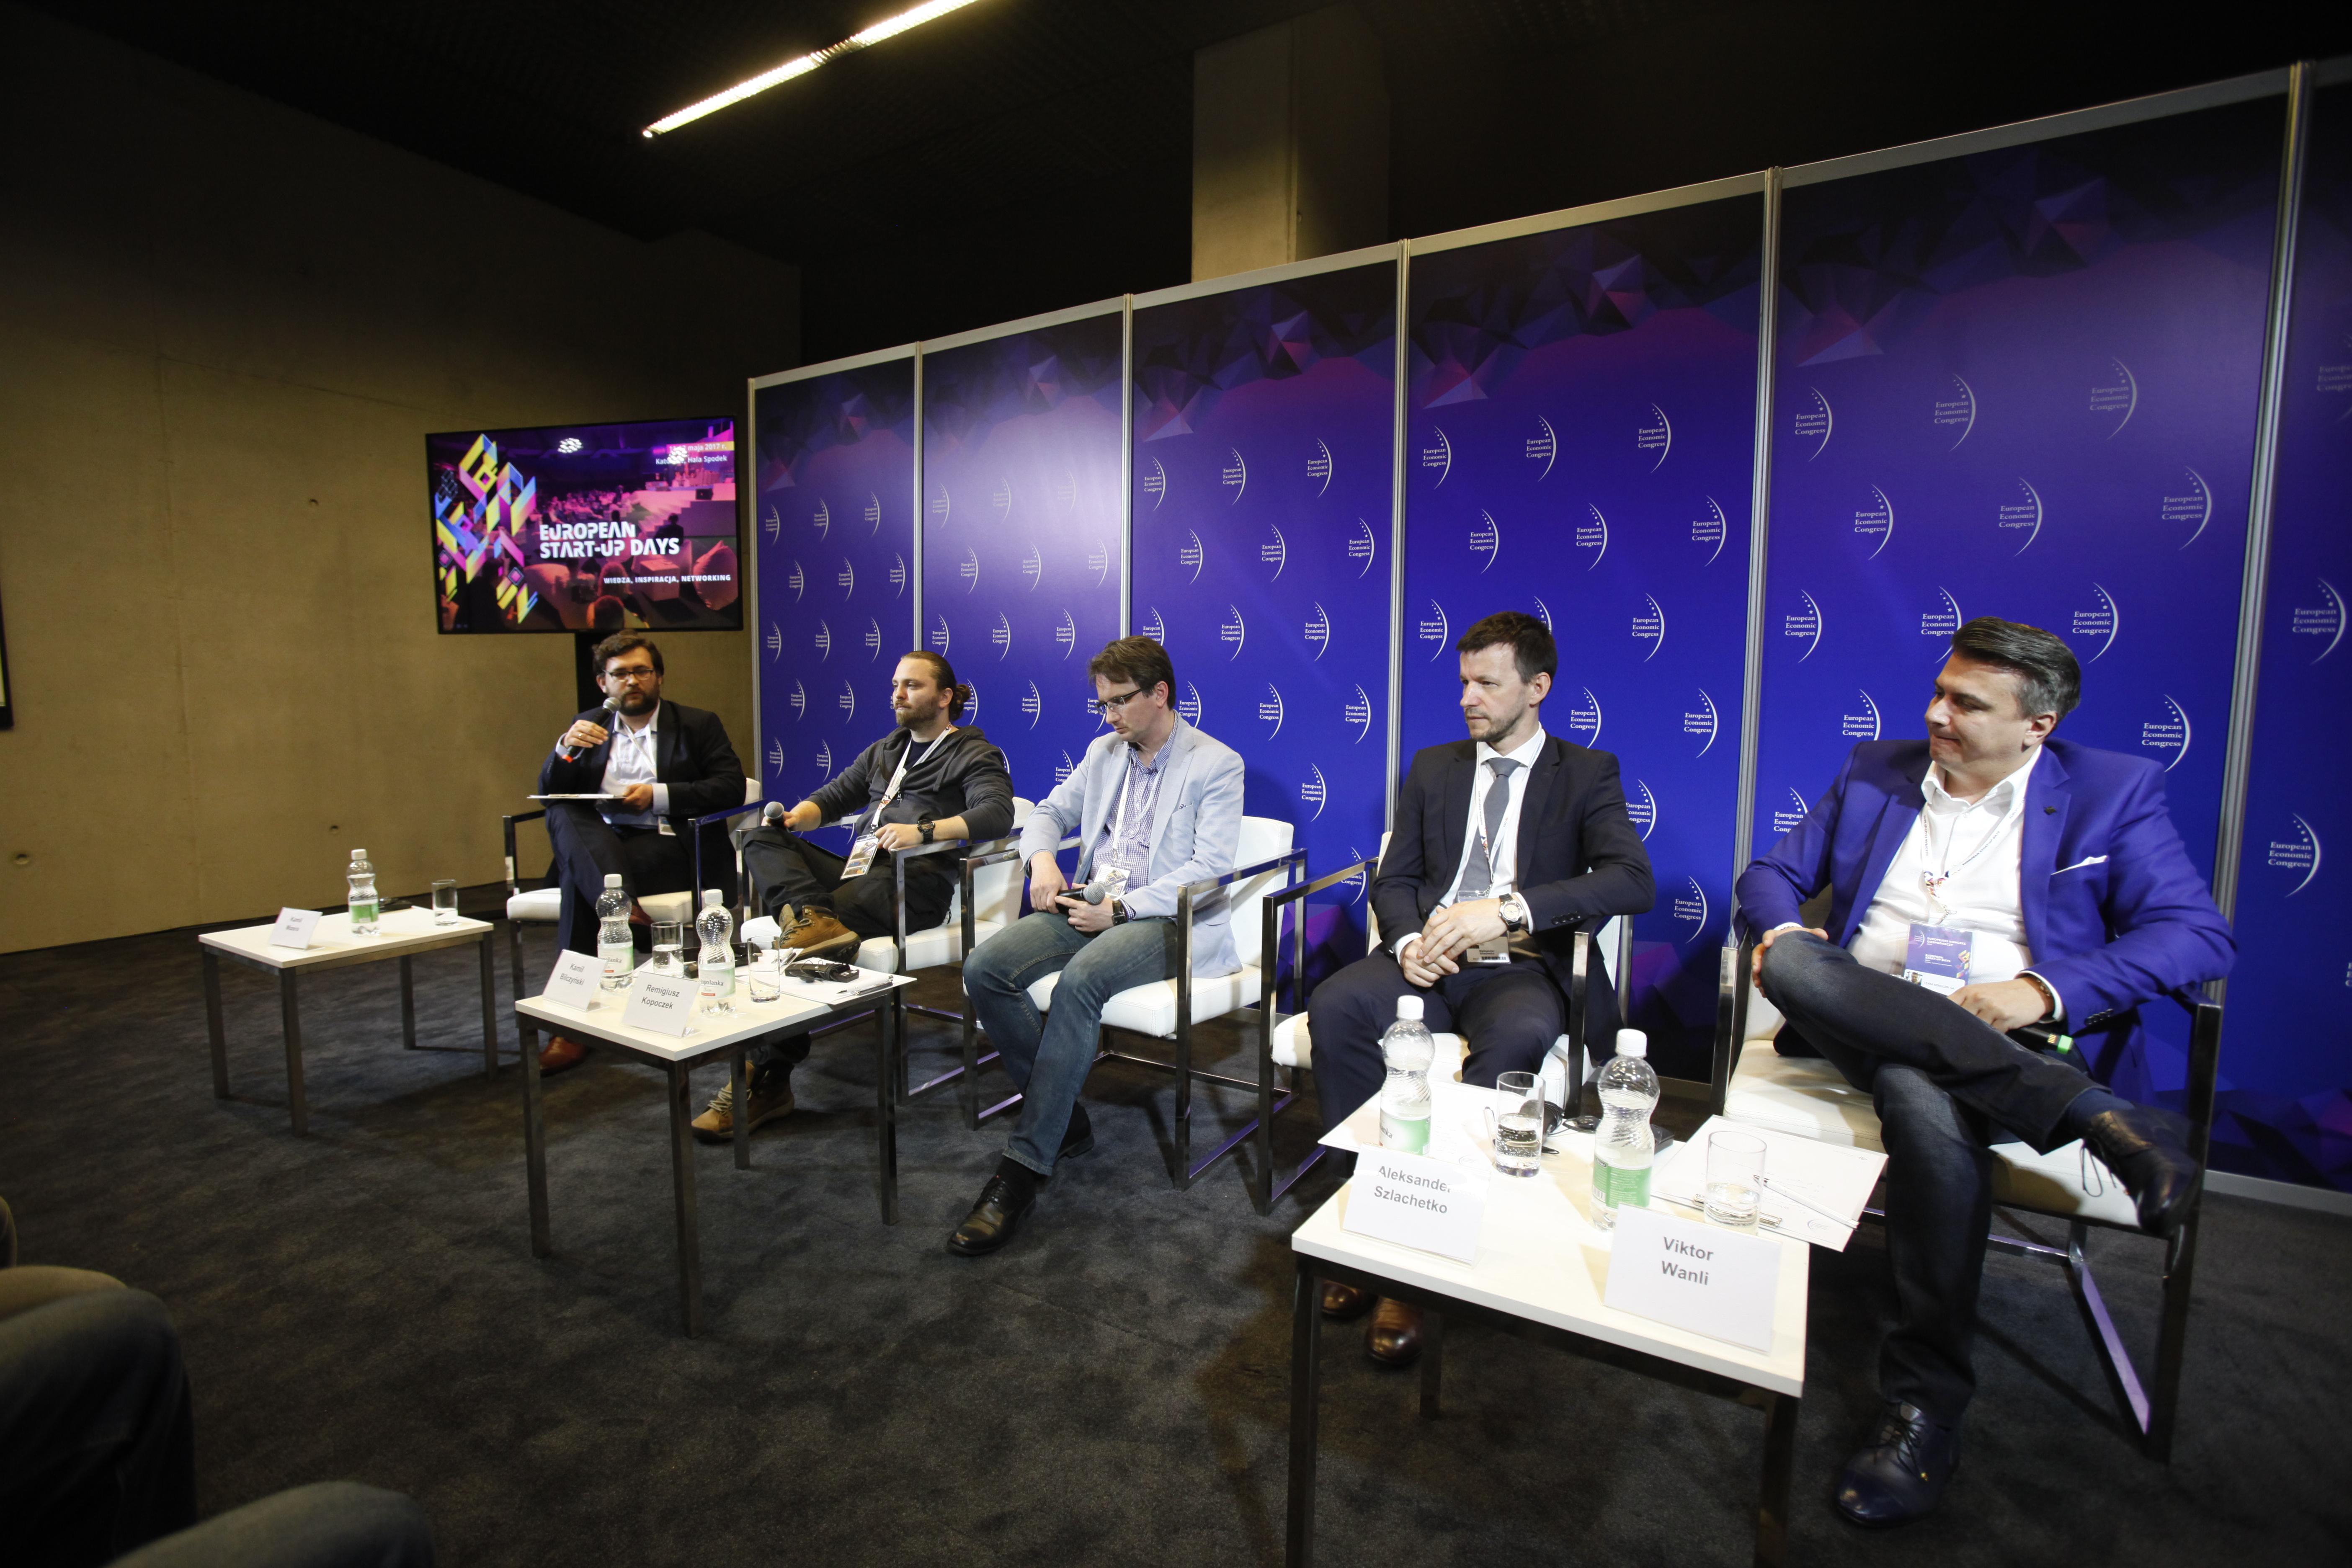 Dyskusja odbyła się na panelu